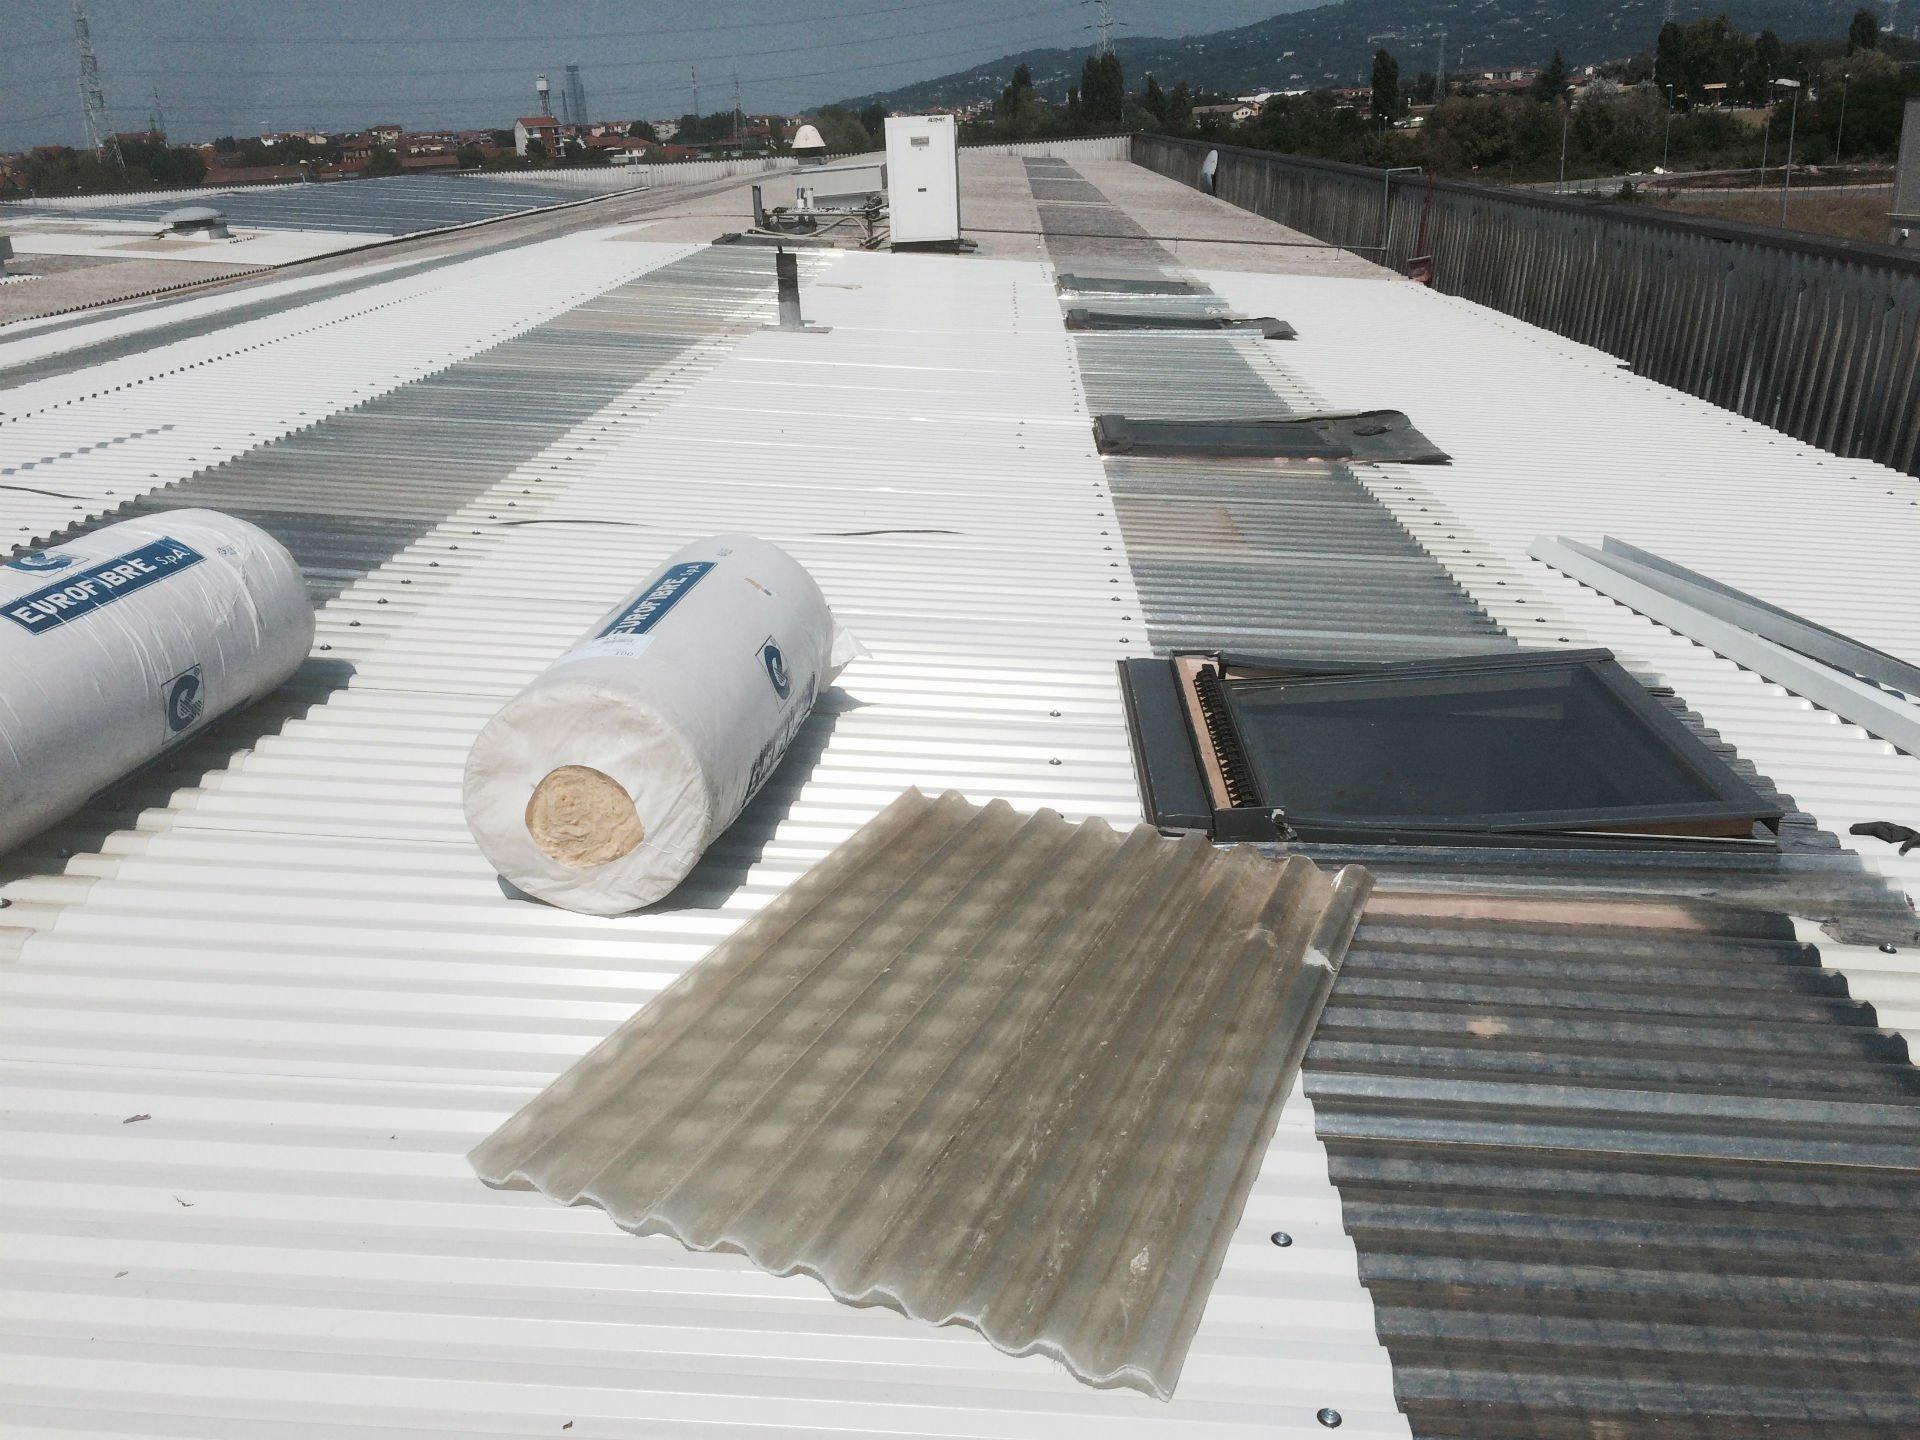 del materiale su un tetto